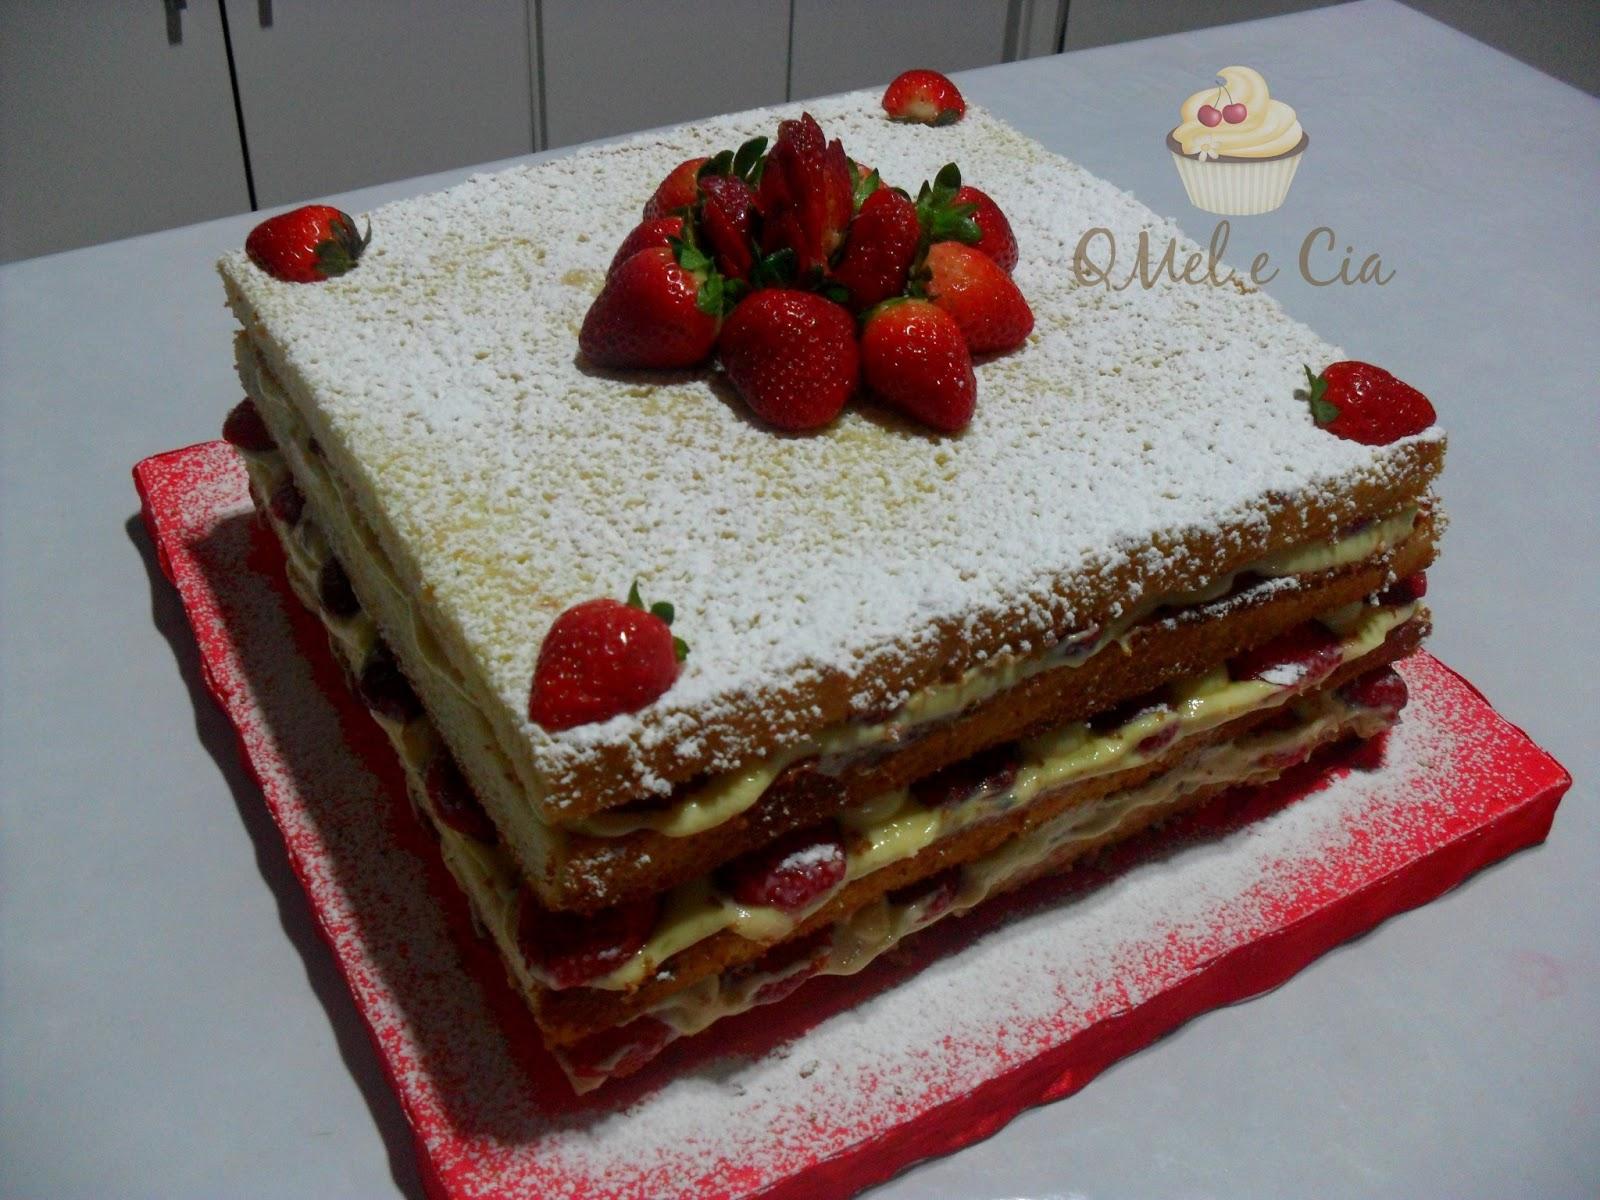 Chef em casa & cia: NAKED CAKE ou BOLO PELADO